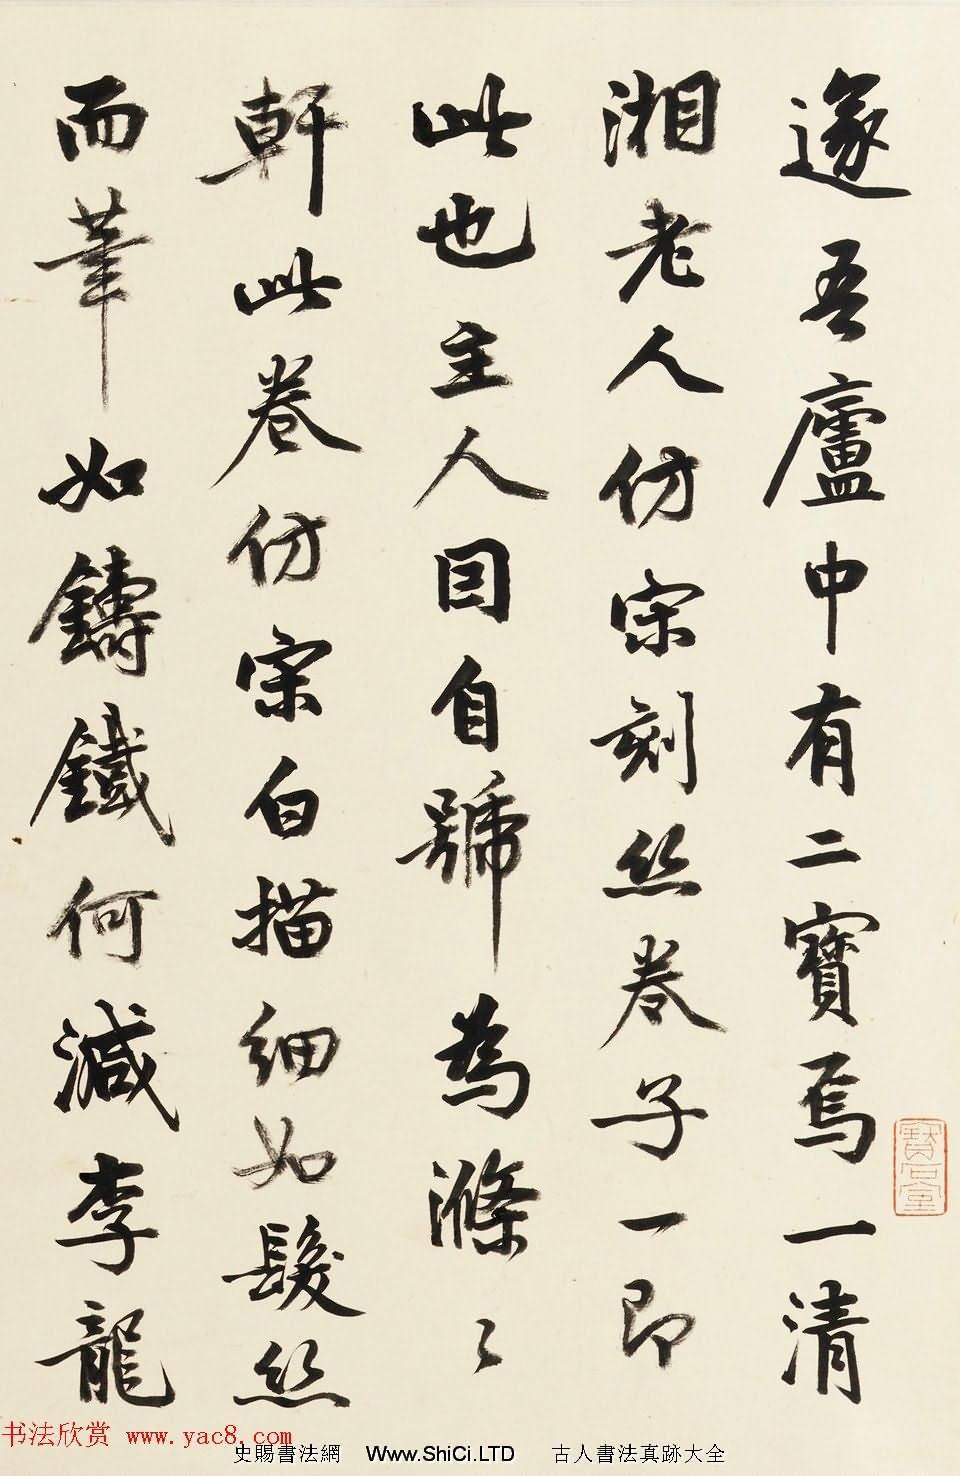 清道人書法題跋石濤十六羅漢圖(共4張圖片)